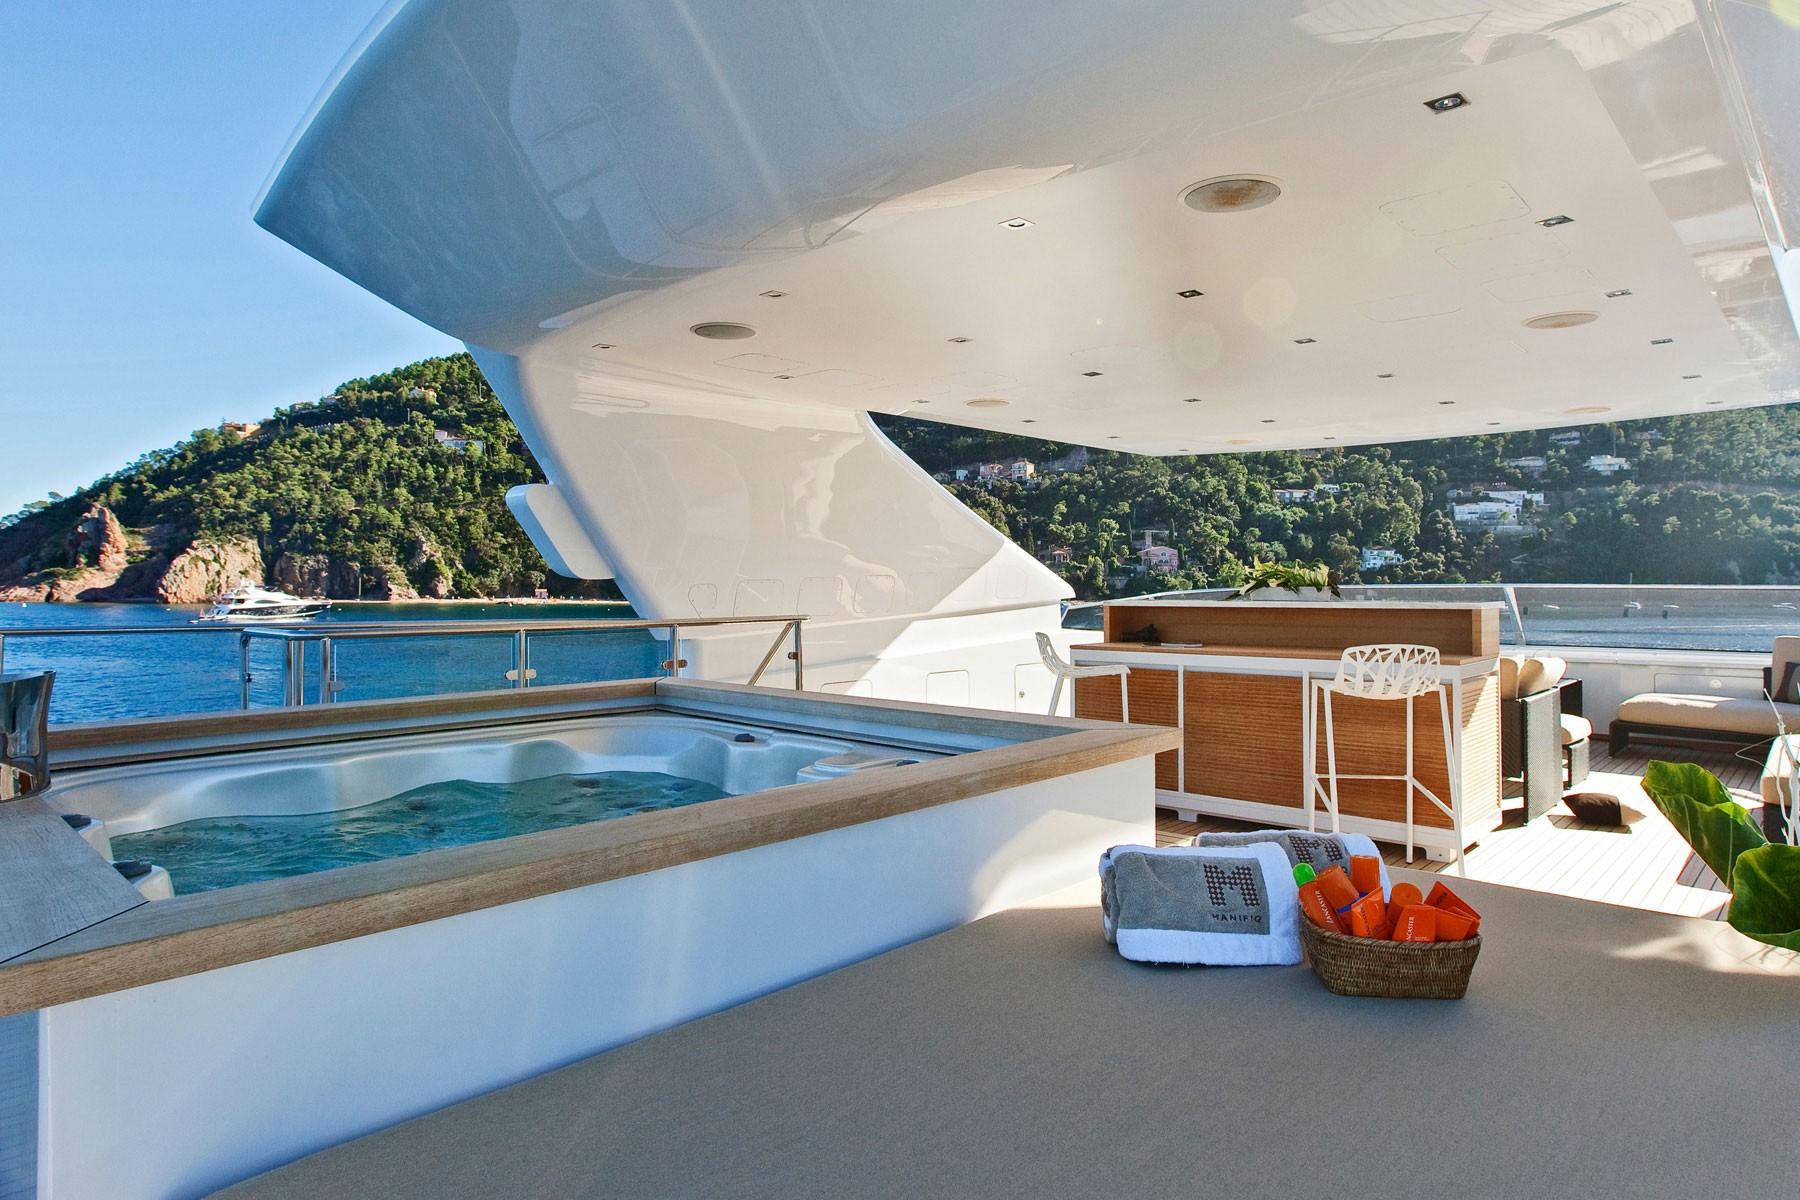 Jacuzzi Pool Aboard Yacht MANIFIQ